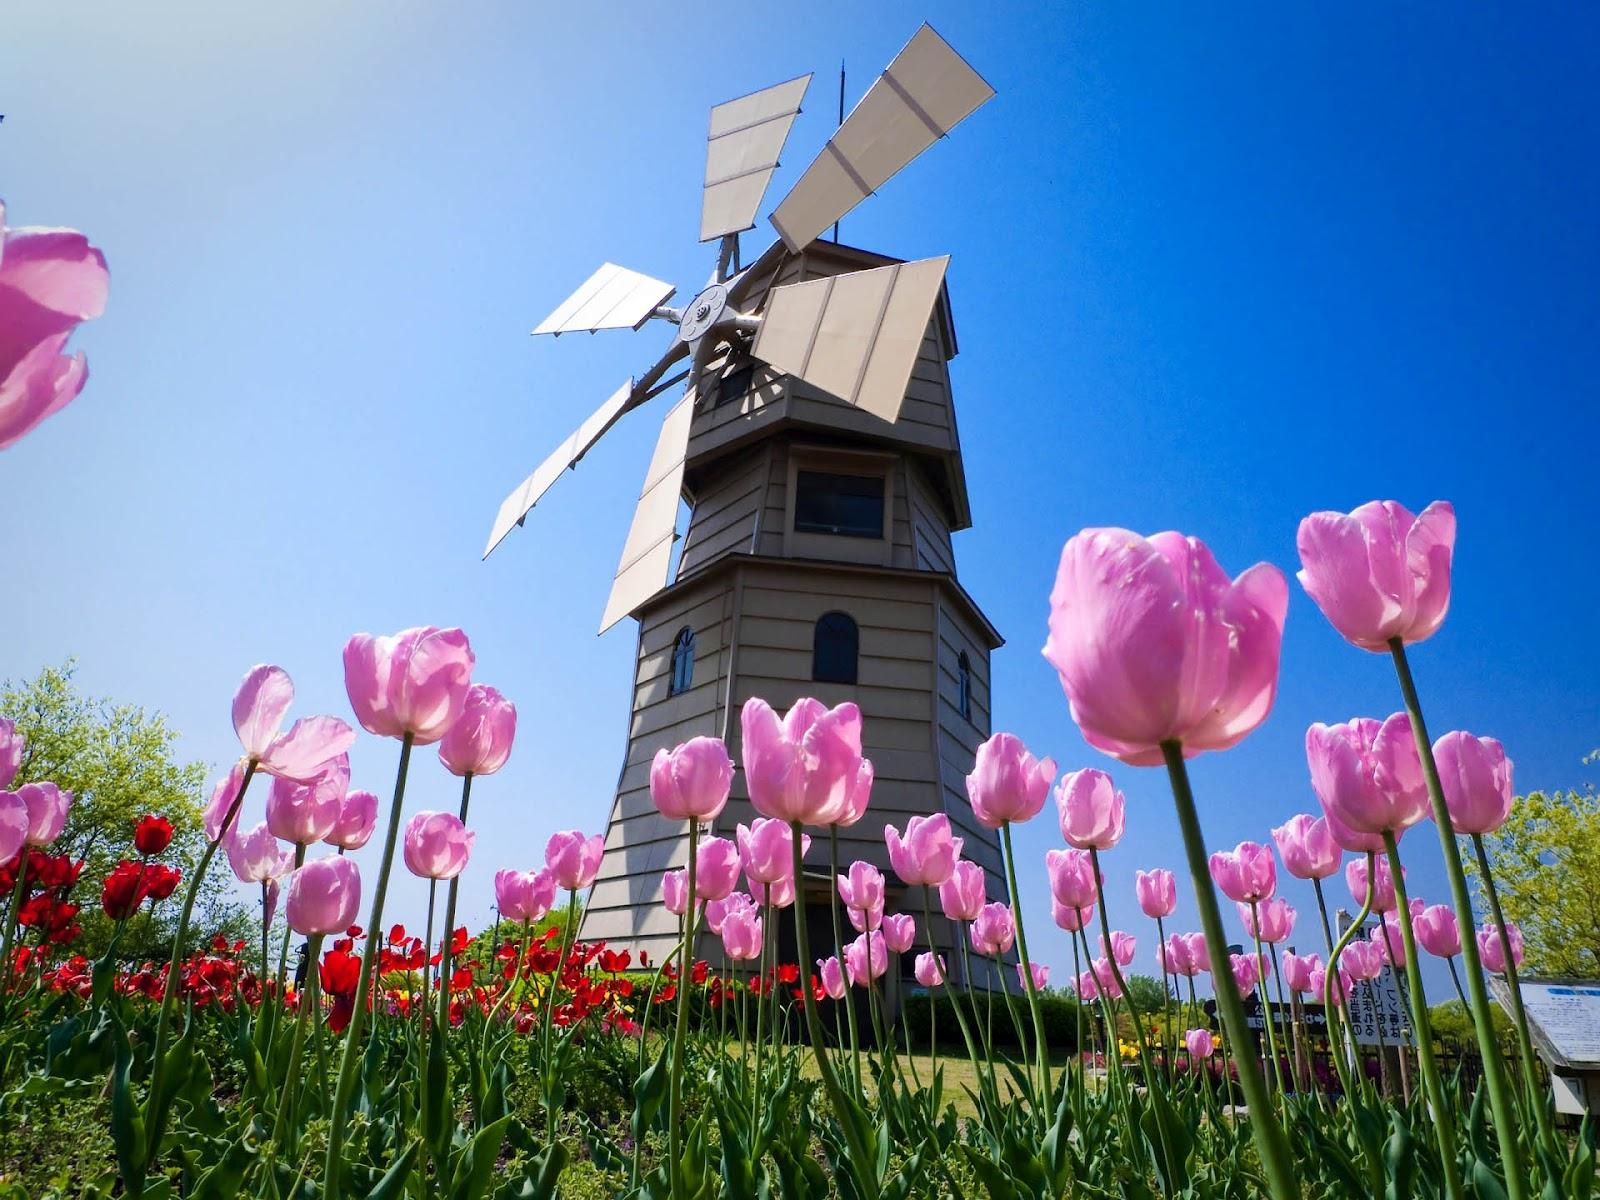 lente achtergronden hd - photo #20